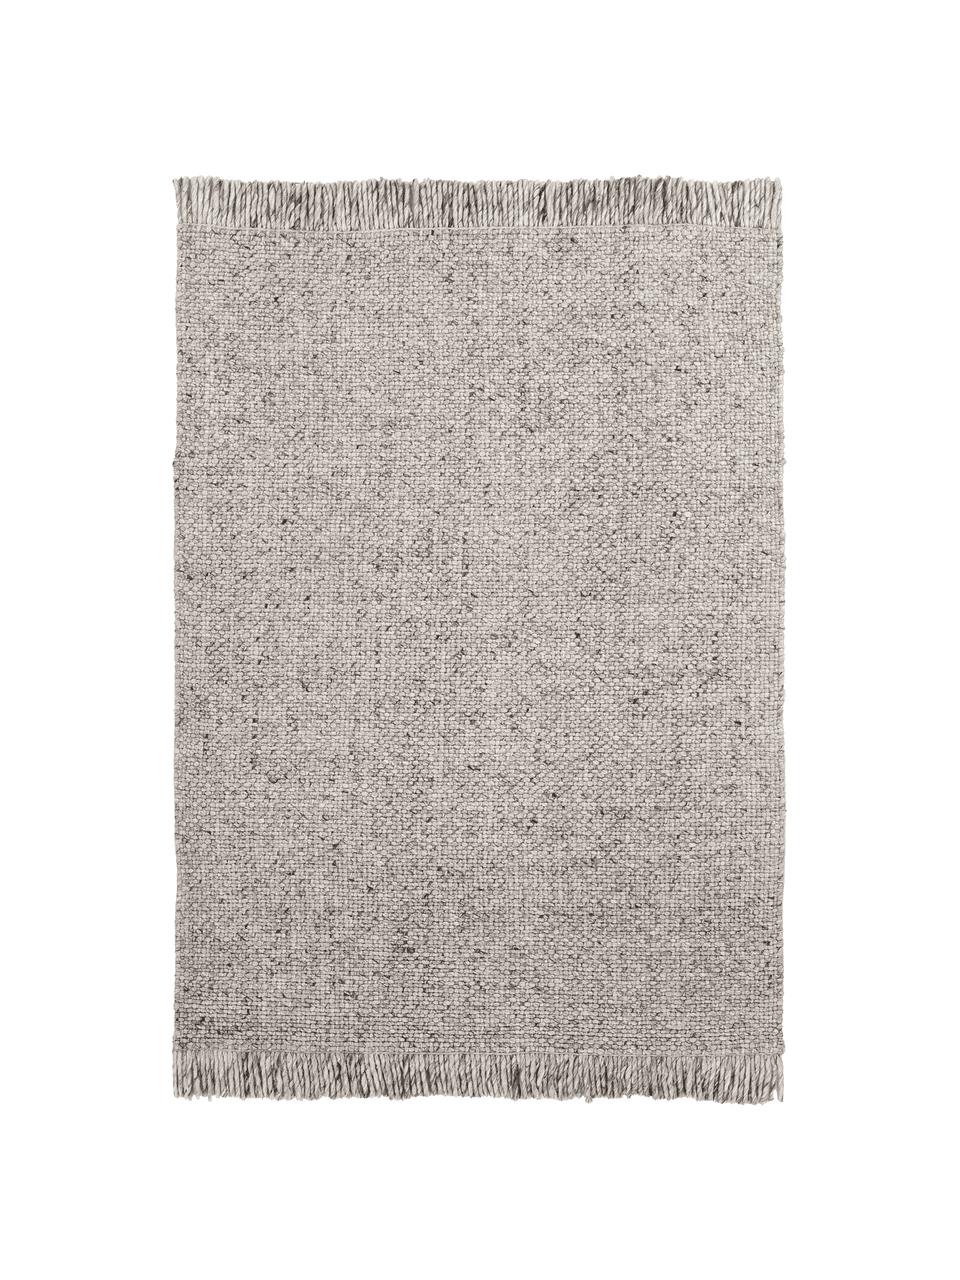 Ręcznie tkany dywan z wełny z frędzlami Alvin, Szary, melanżowy, S 120 x D 170 cm (Rozmiar S)